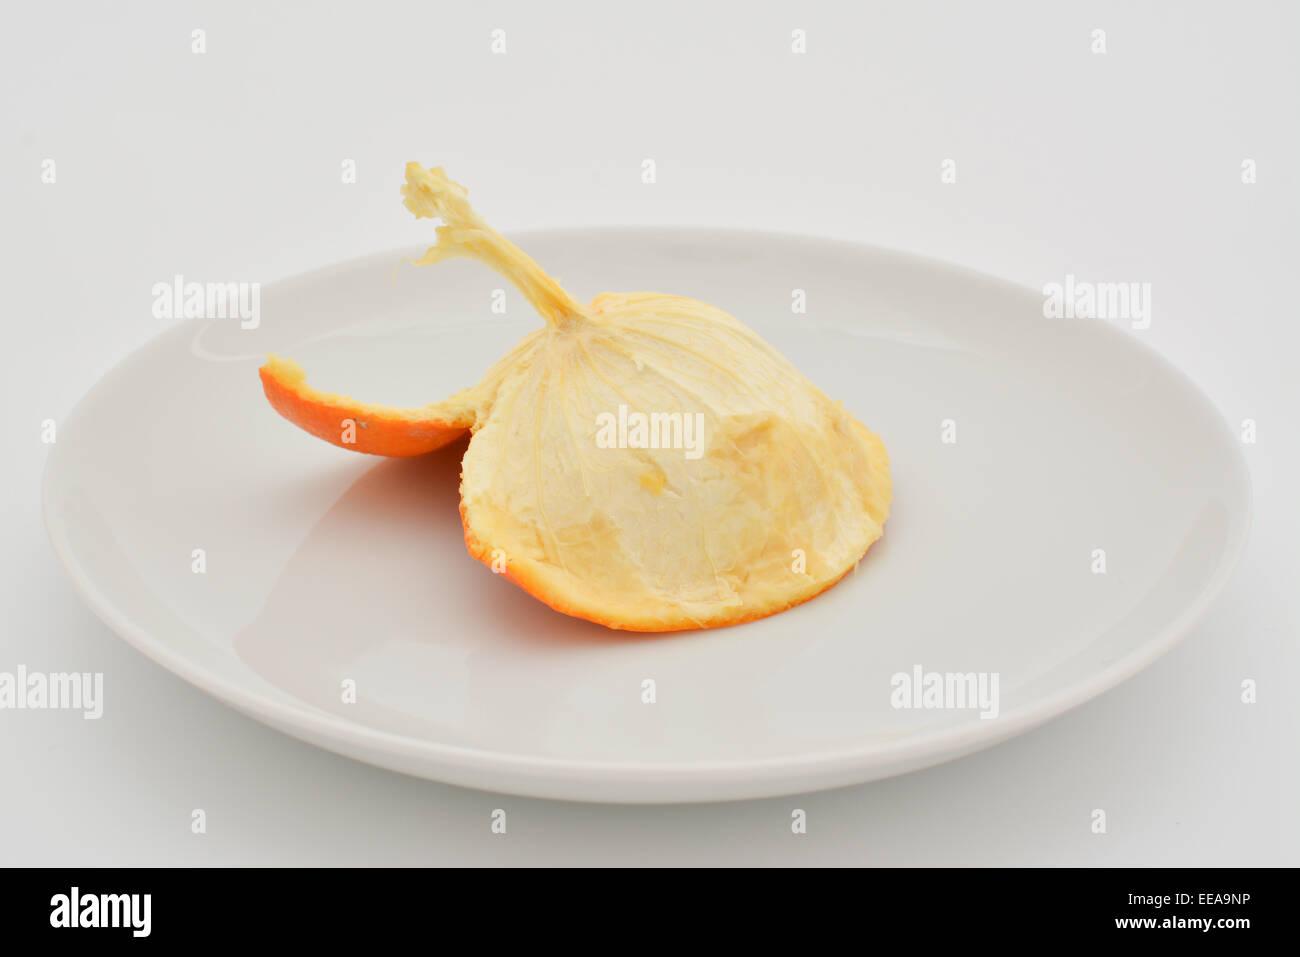 All'interno della pelle di un mangiato arancione su una piastra bianca Immagini Stock